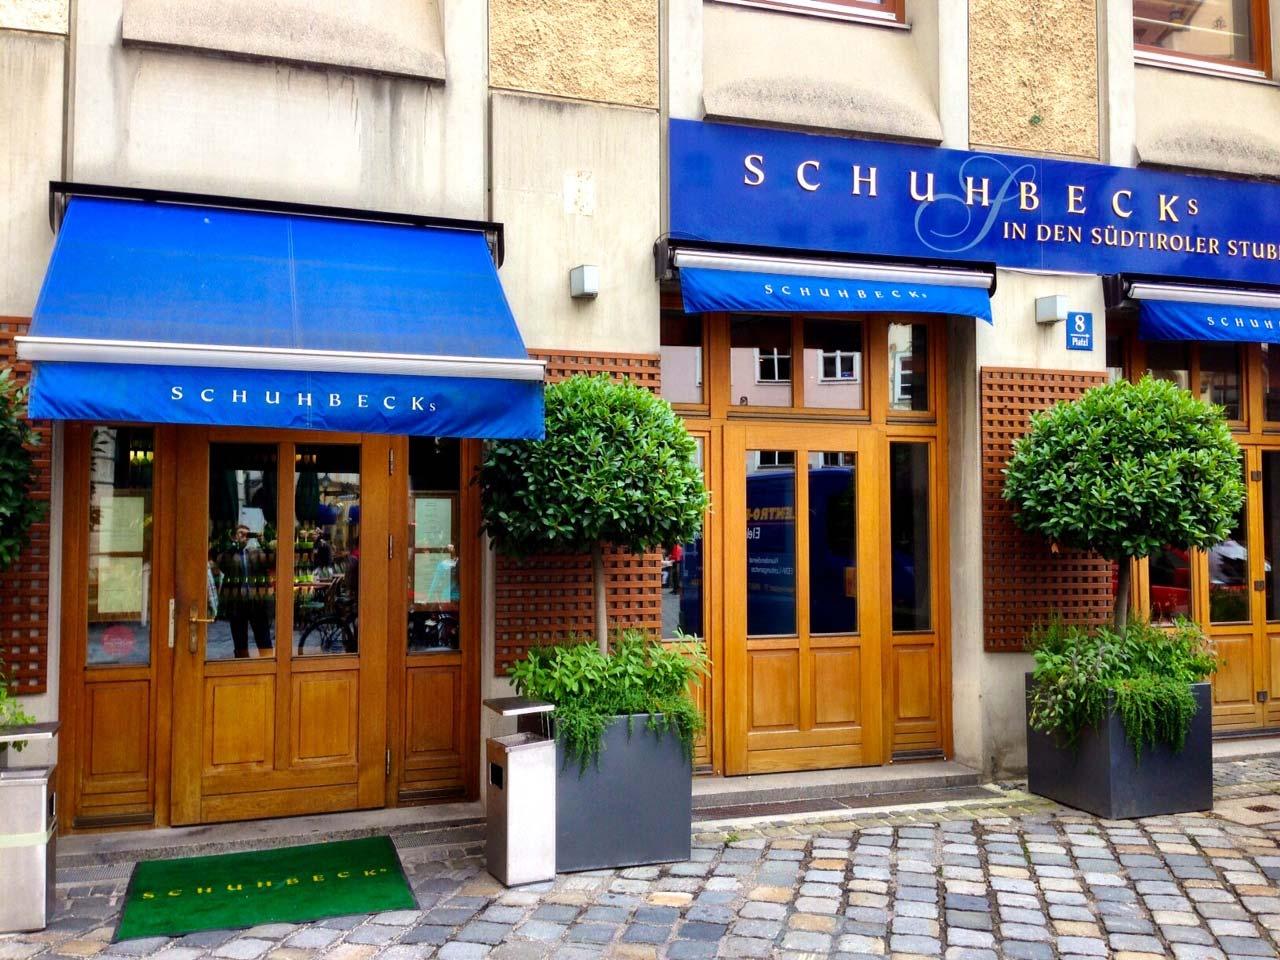 Restaurant-Schubecks-in-den-Suedtiroler-Stuben